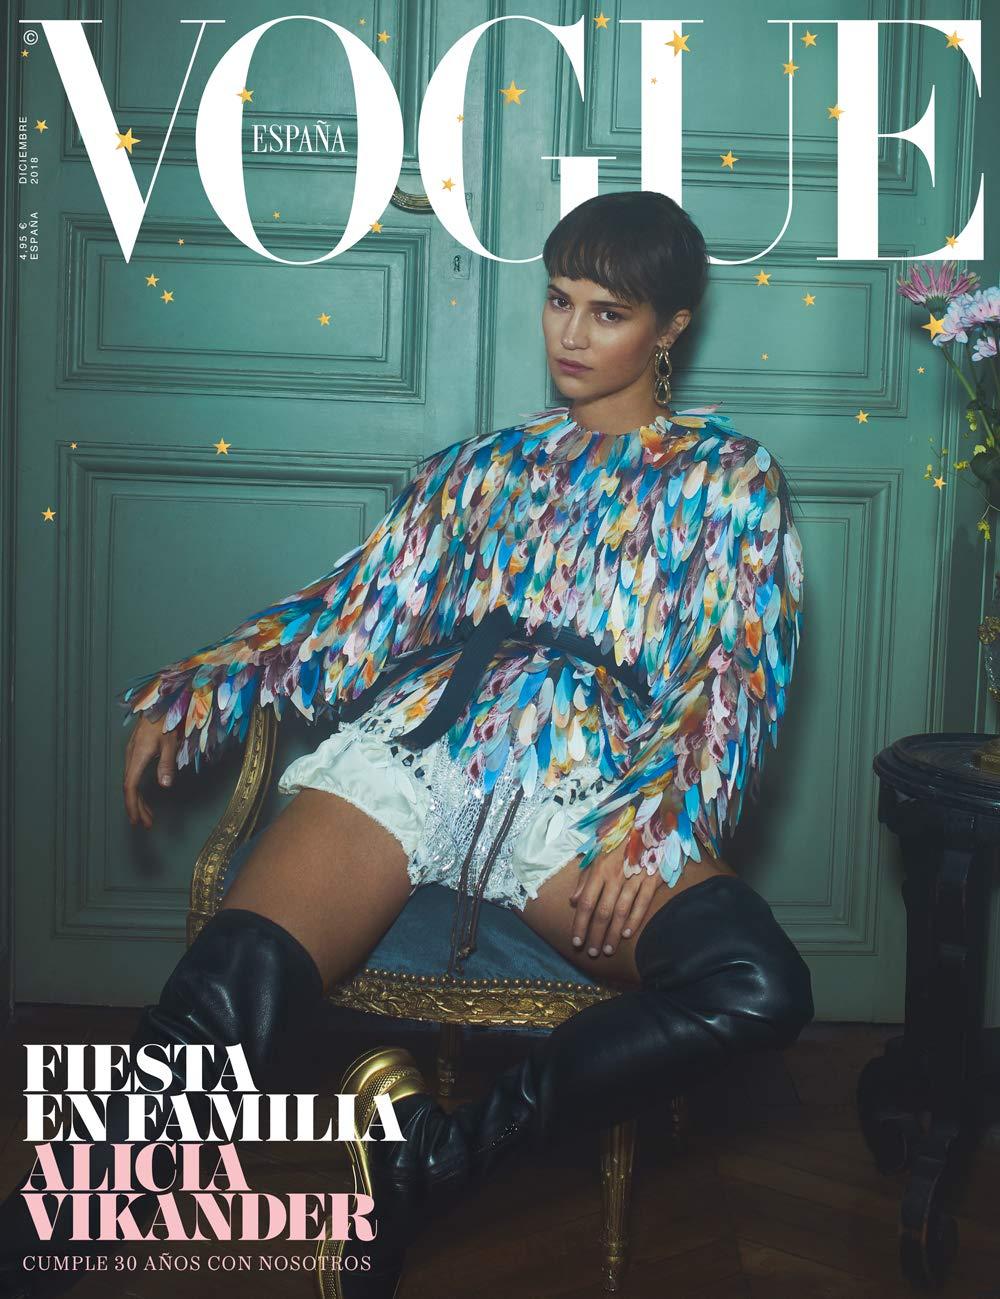 35c79e7b4b Vogue España: Diciembre 2018 - Número 369: Amazon.es: Ediciones Conde Nast:  Libros